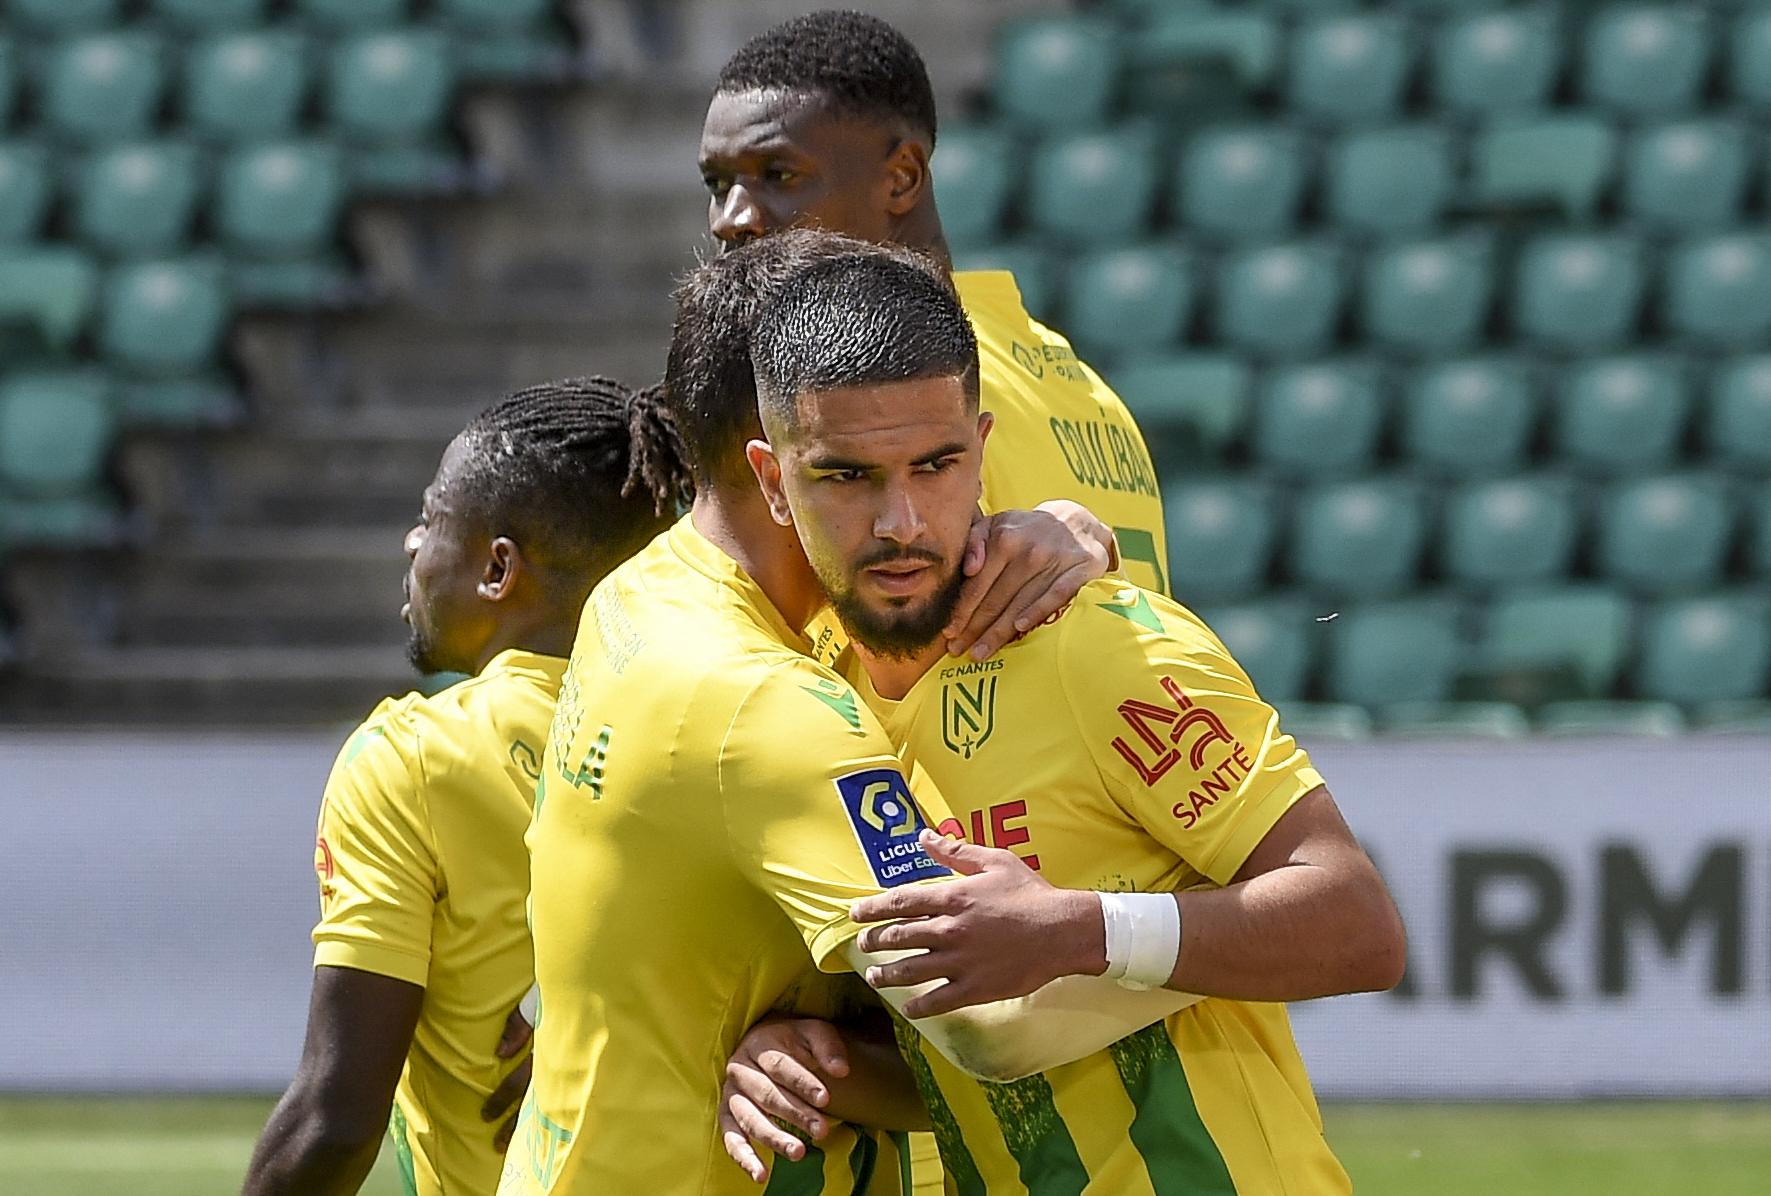 FC Nantes : Le club canari se trouve au pied du podium de ce classement 1